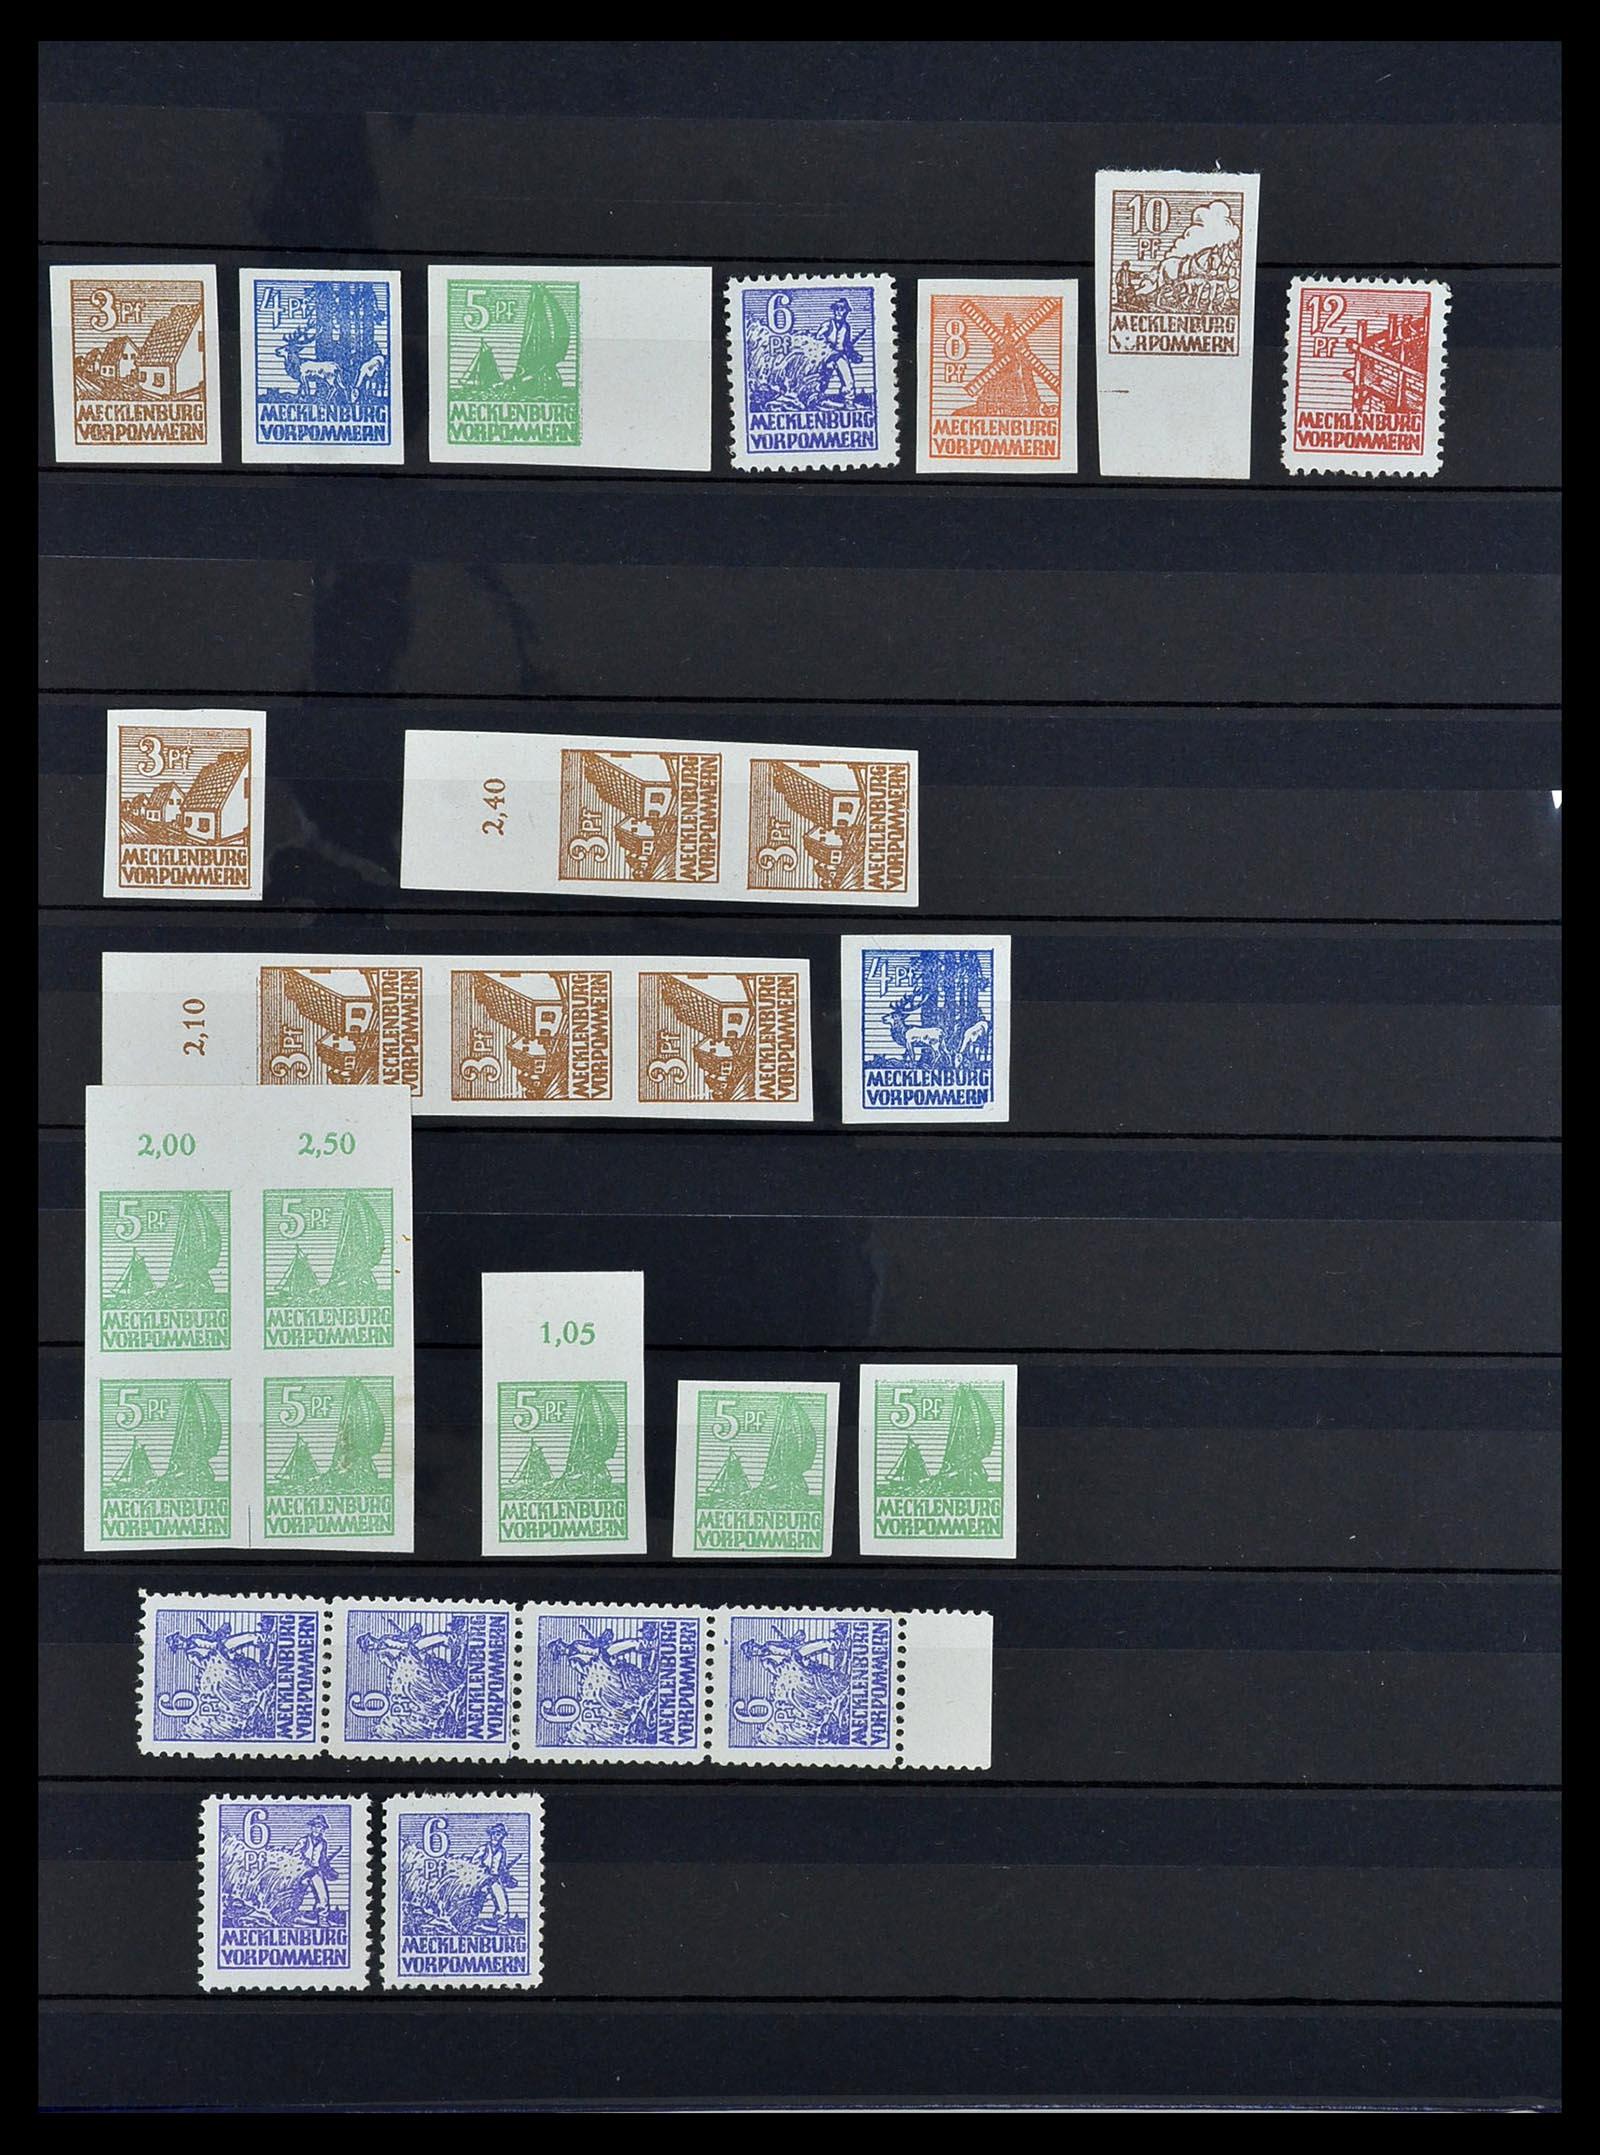 34039 011 - Postzegelverzameling 34039 Mecklenburg-Vorpommern 1945-1946.